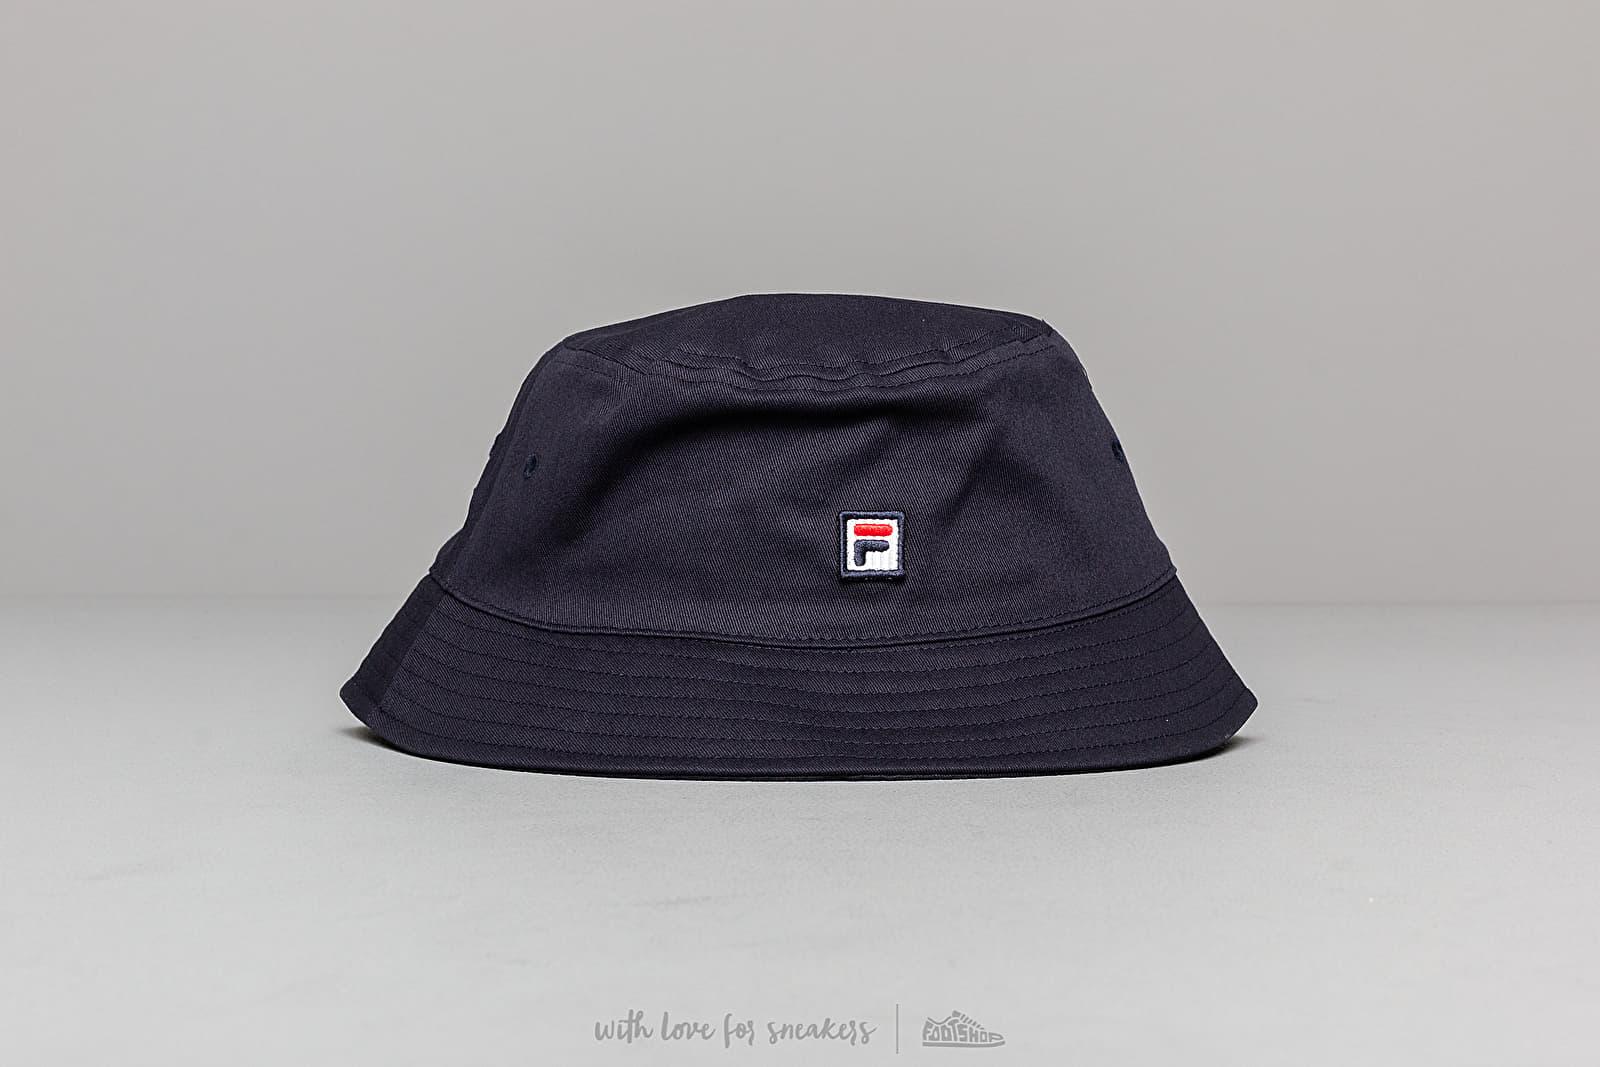 6b0bc4c790 FILA Bucket Hat Flexfit Black Iris